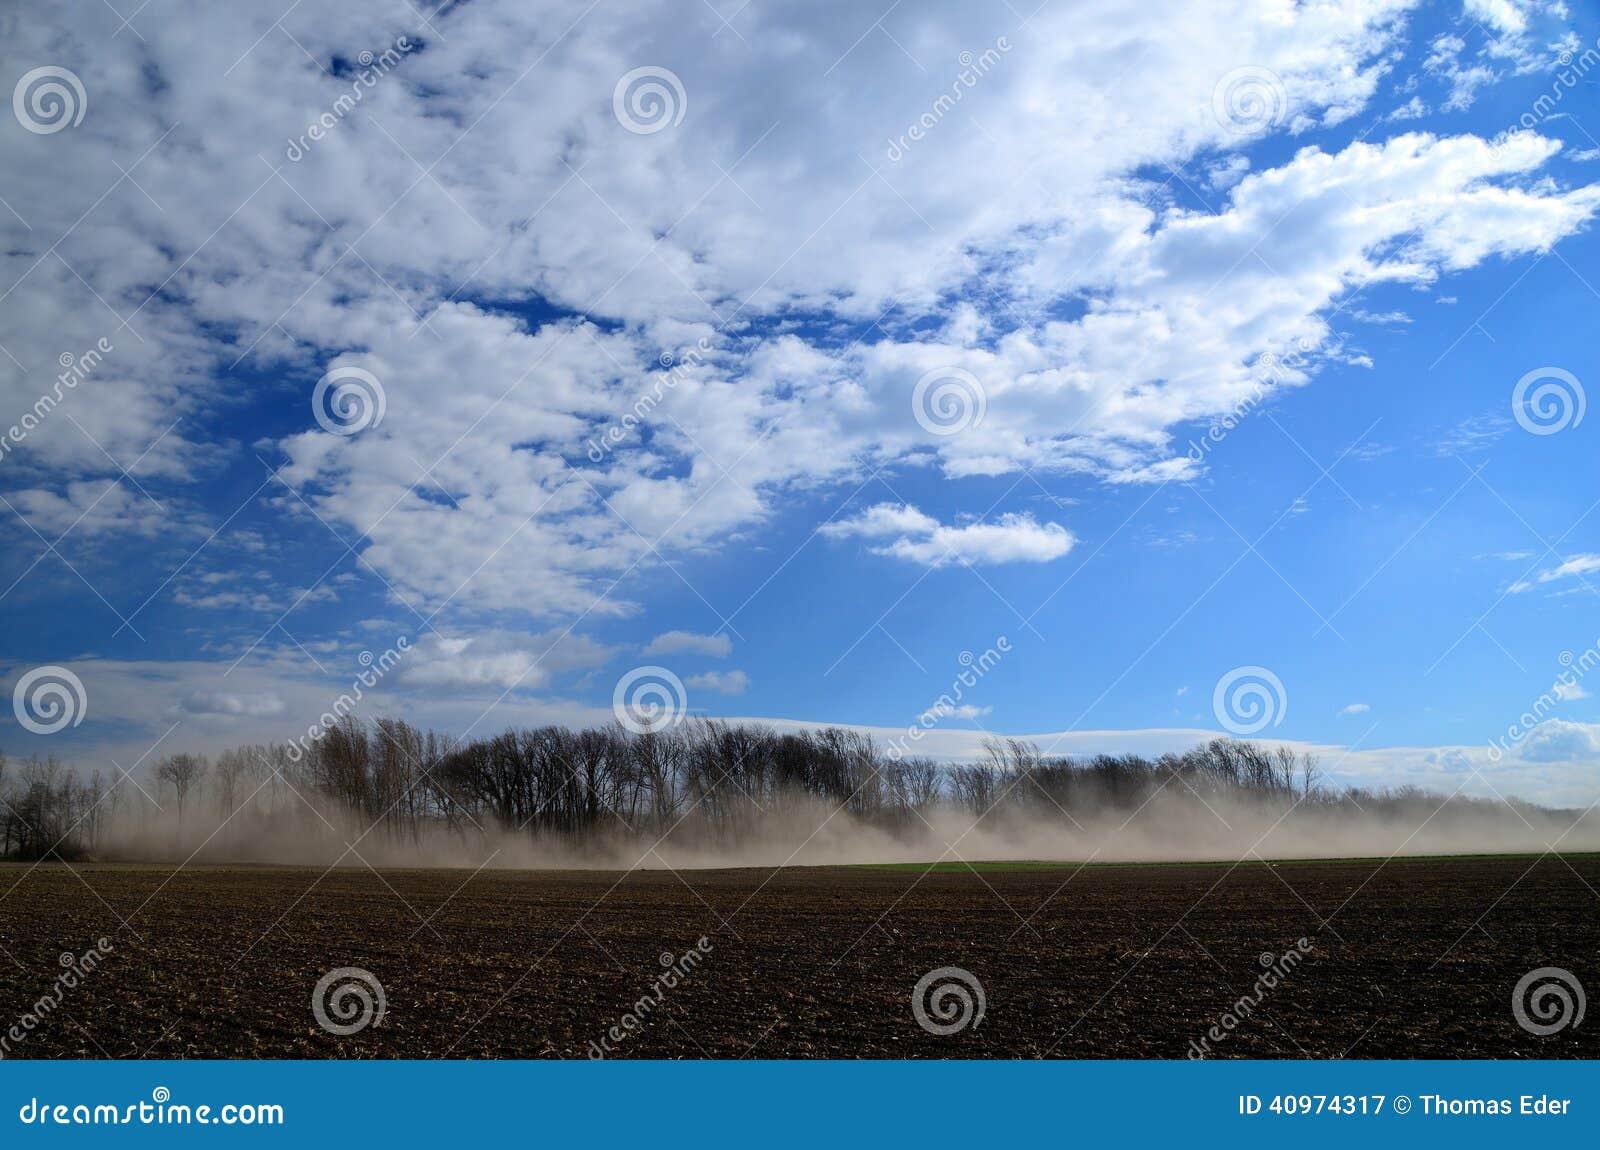 Stark sandstorm